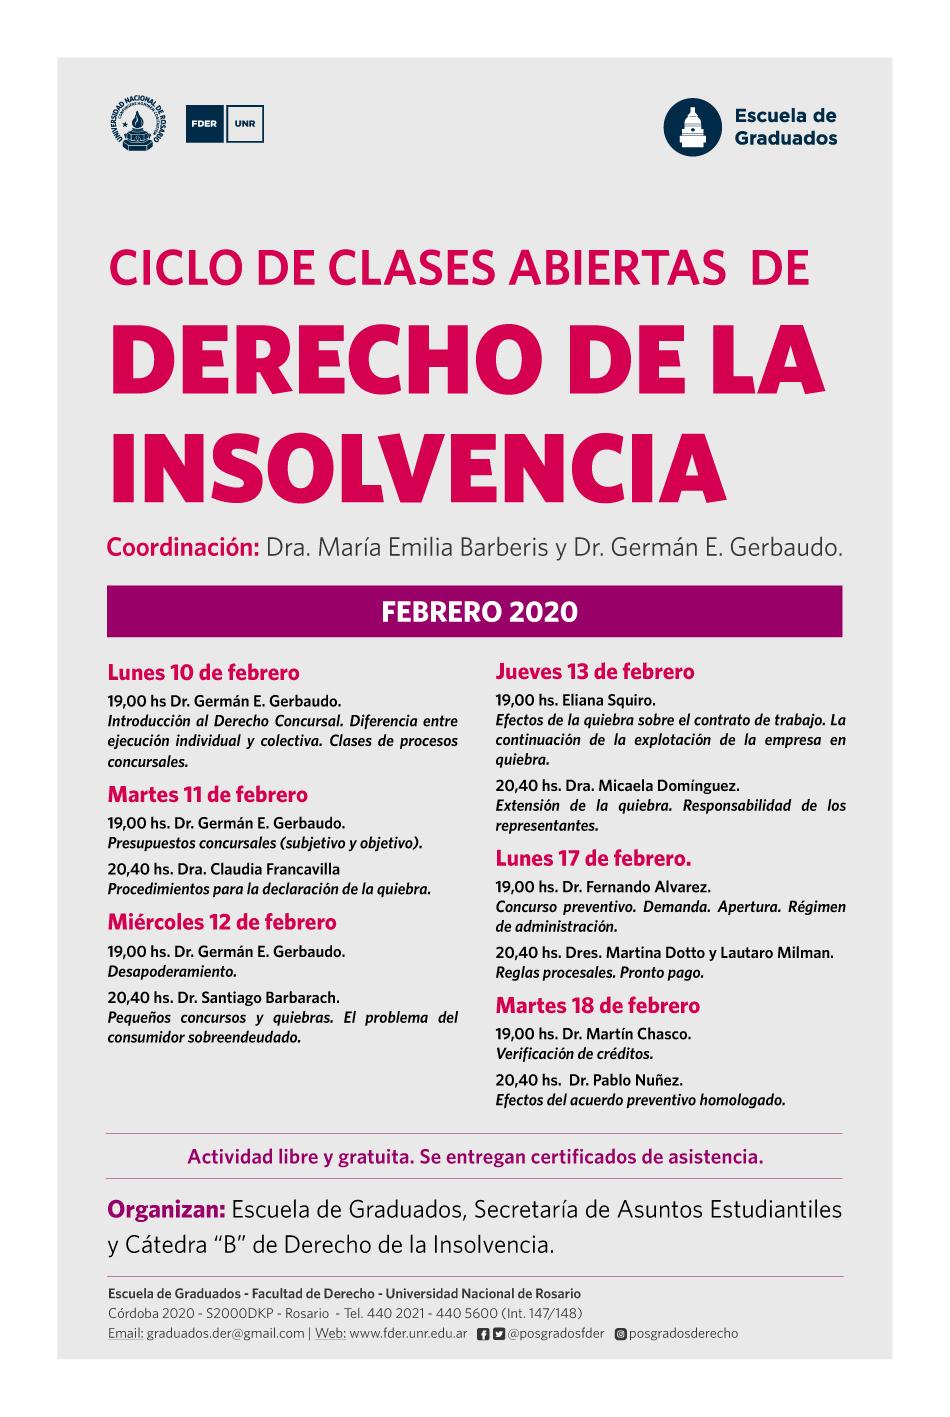 CICLO DE CLASES ABIERTAS DE DERECHO DE LA INSOLVENCIA